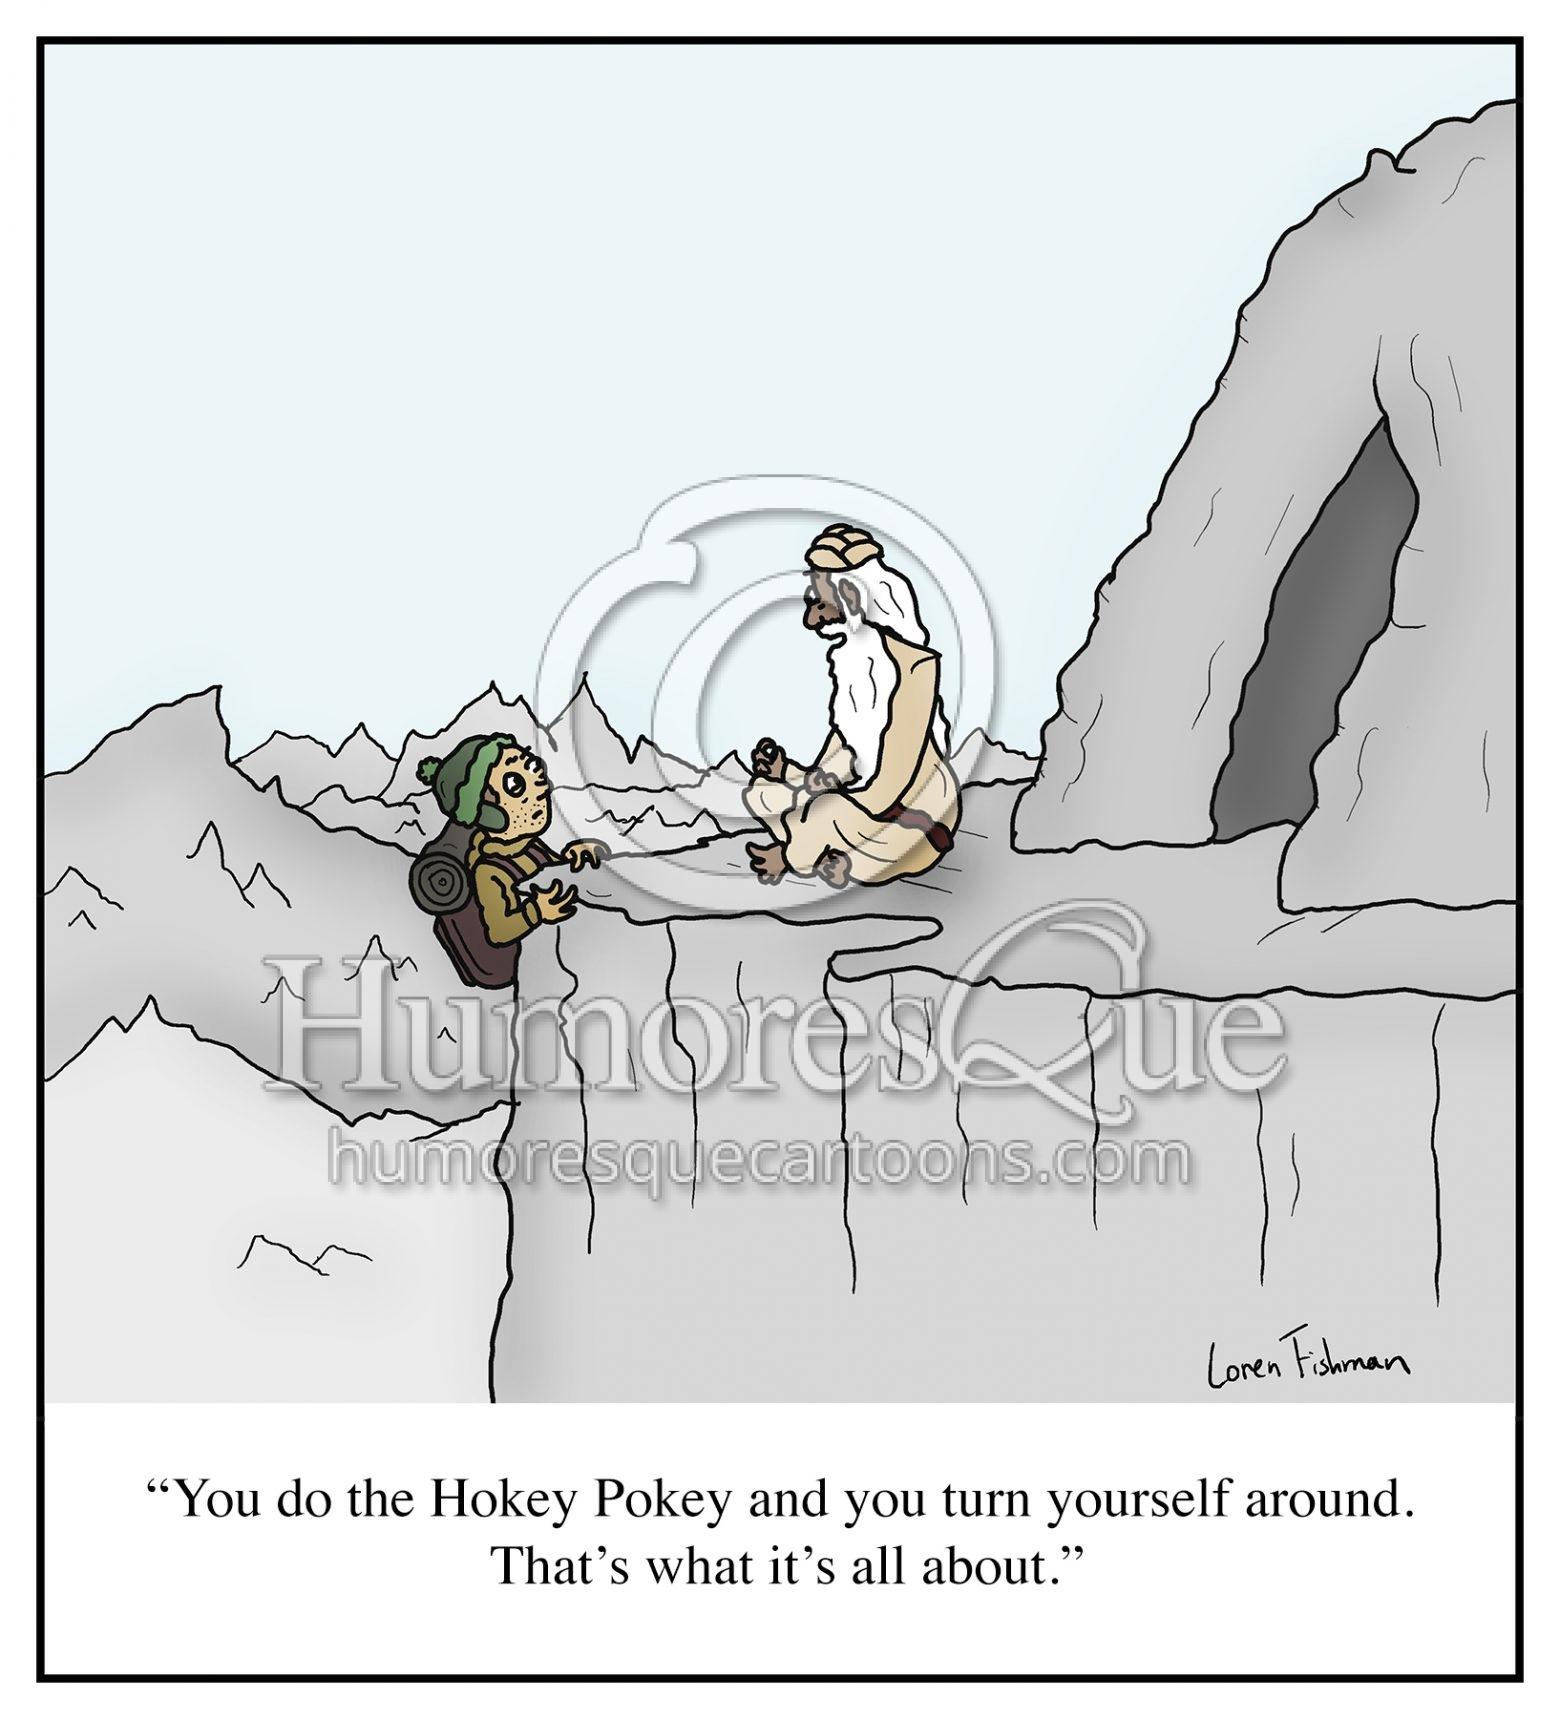 hokey pokey childrens song funny guru cartoon